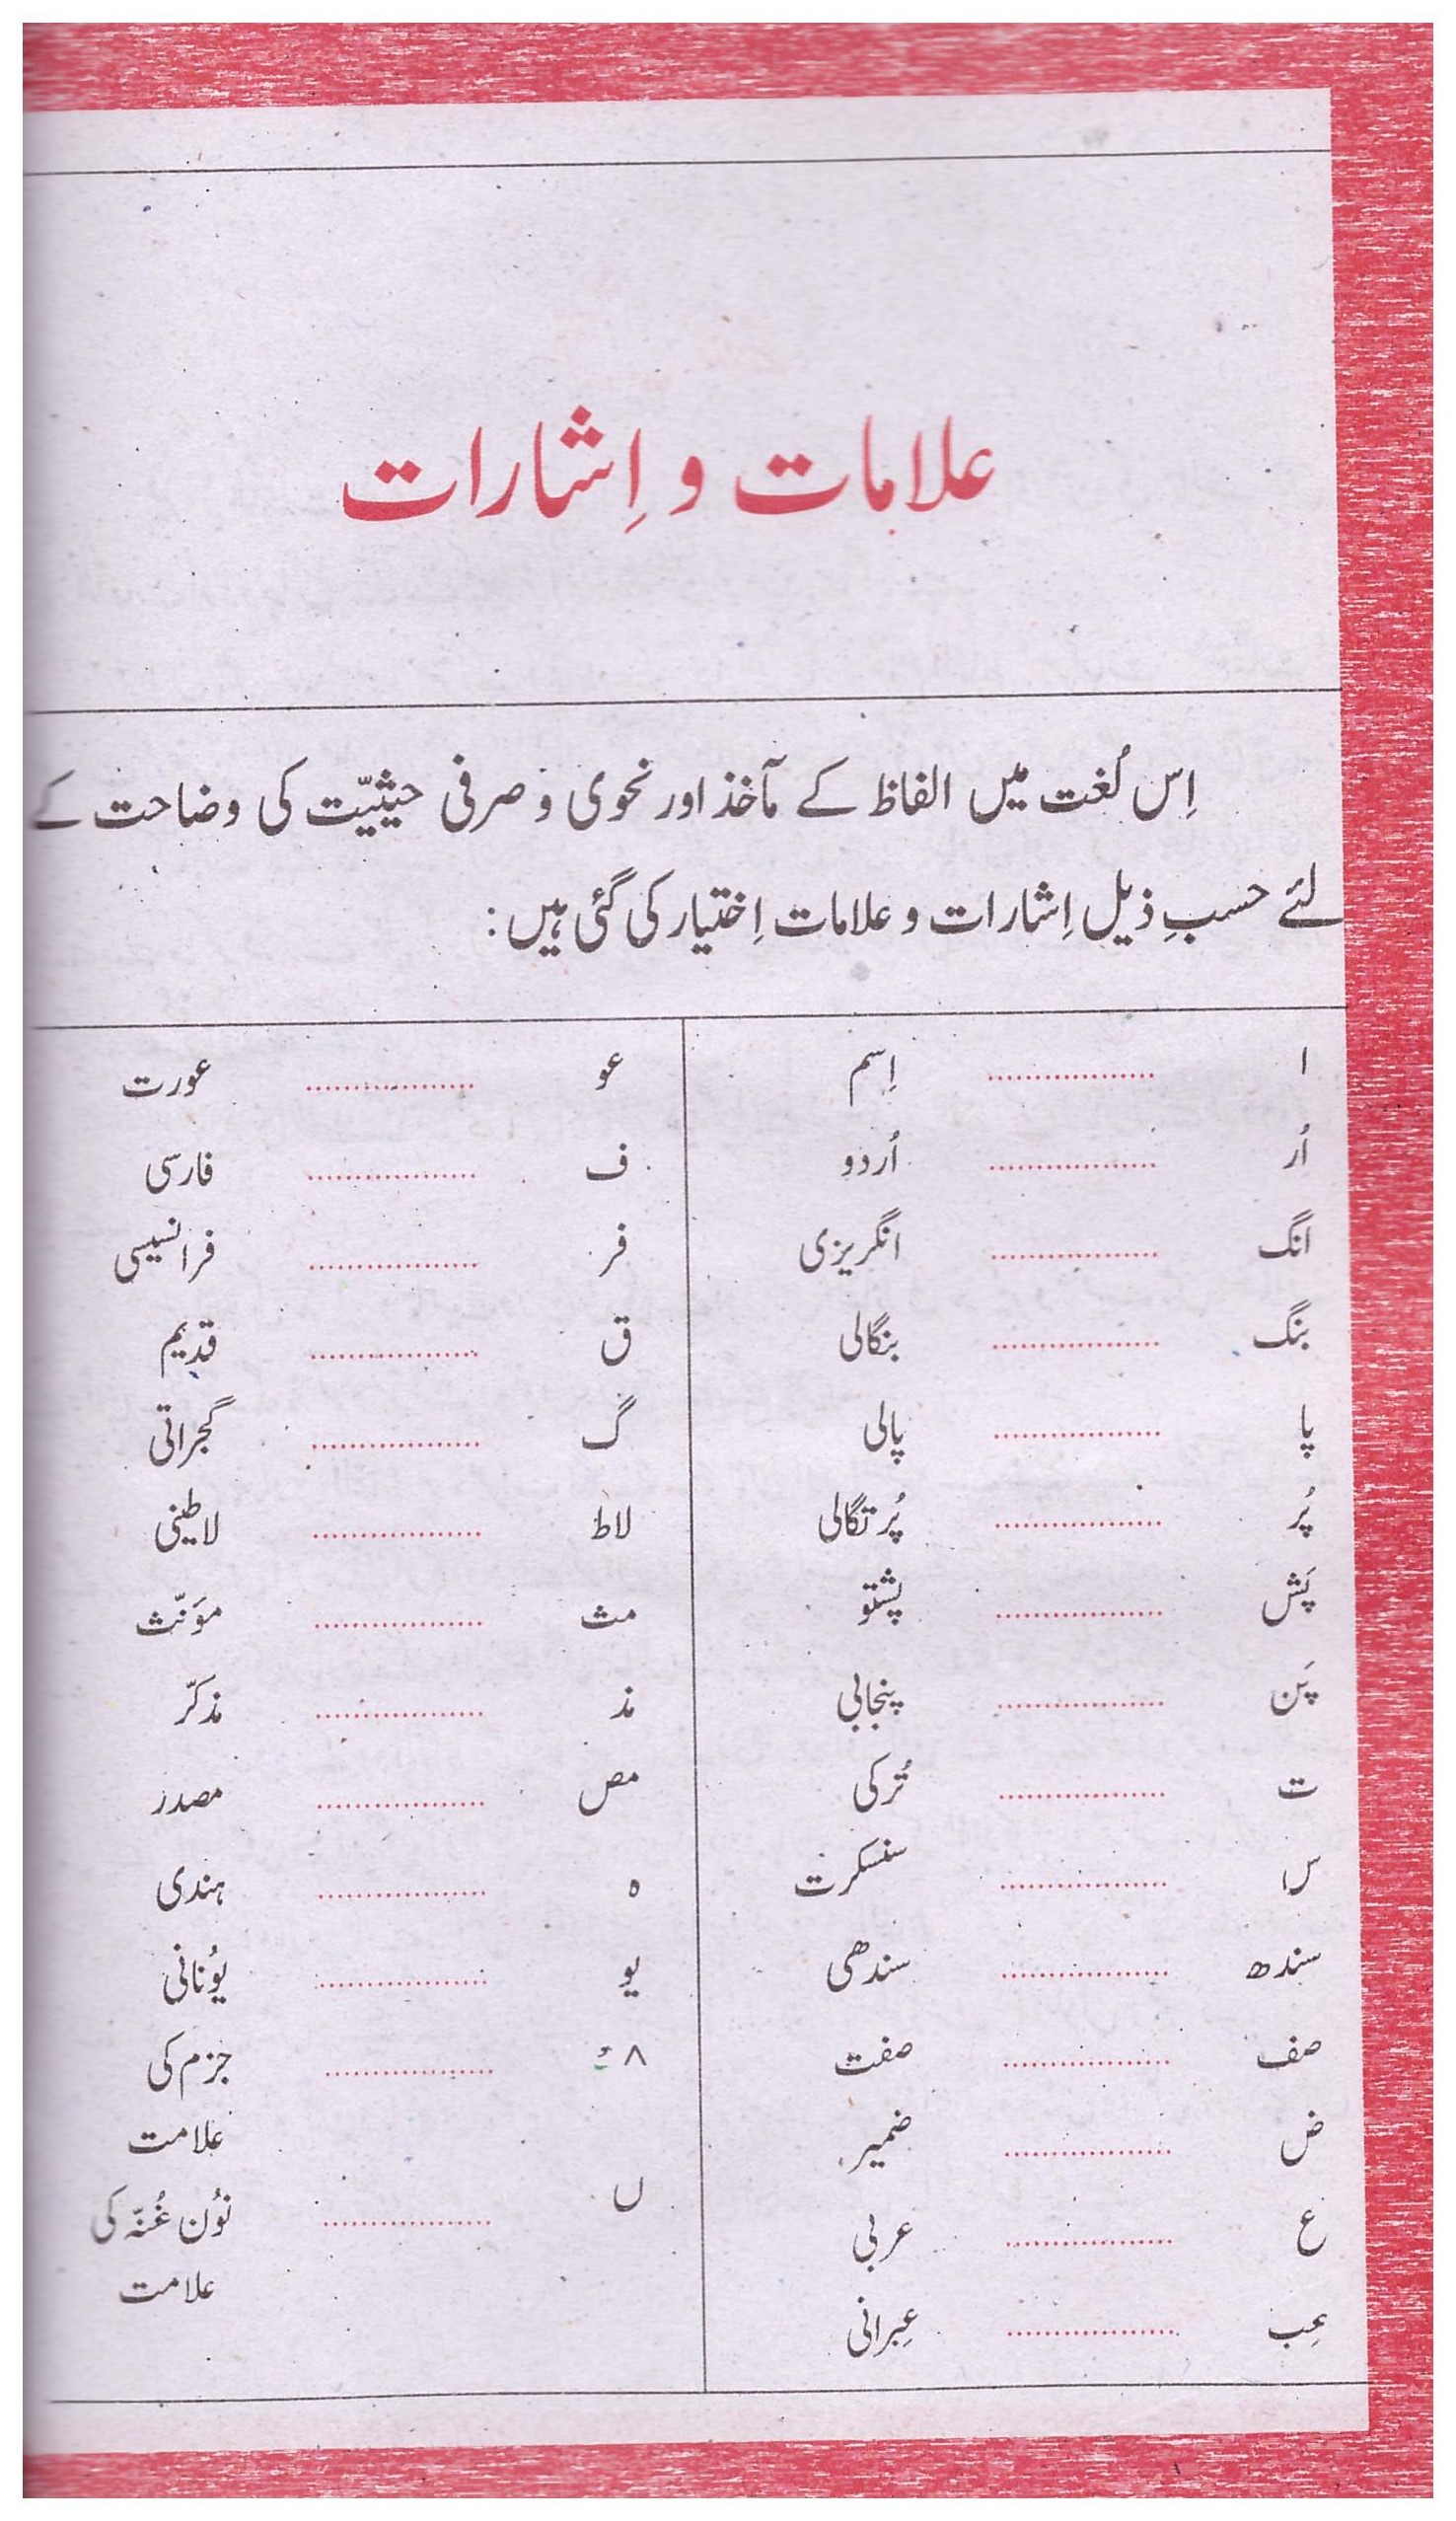 Rangeen Firoz ul Lughat Urdu Jadeed